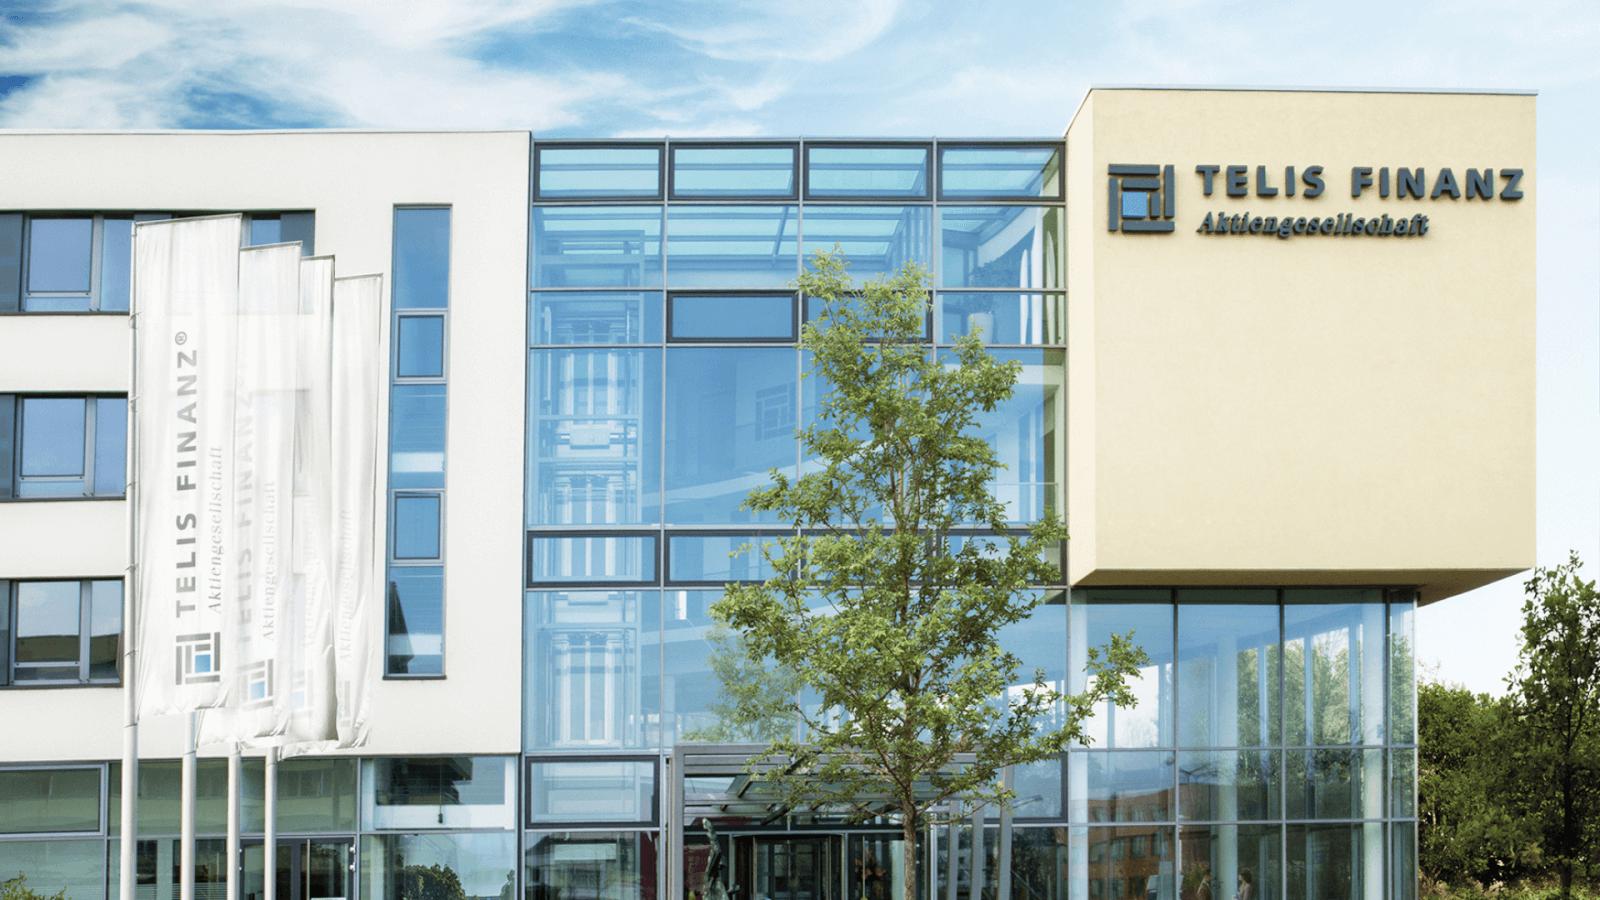 """TELIS FINANZ zum 9. Mal als """"Deutschlands fairstes Finanzberatungsunternehmen"""" ausgezeichnet"""